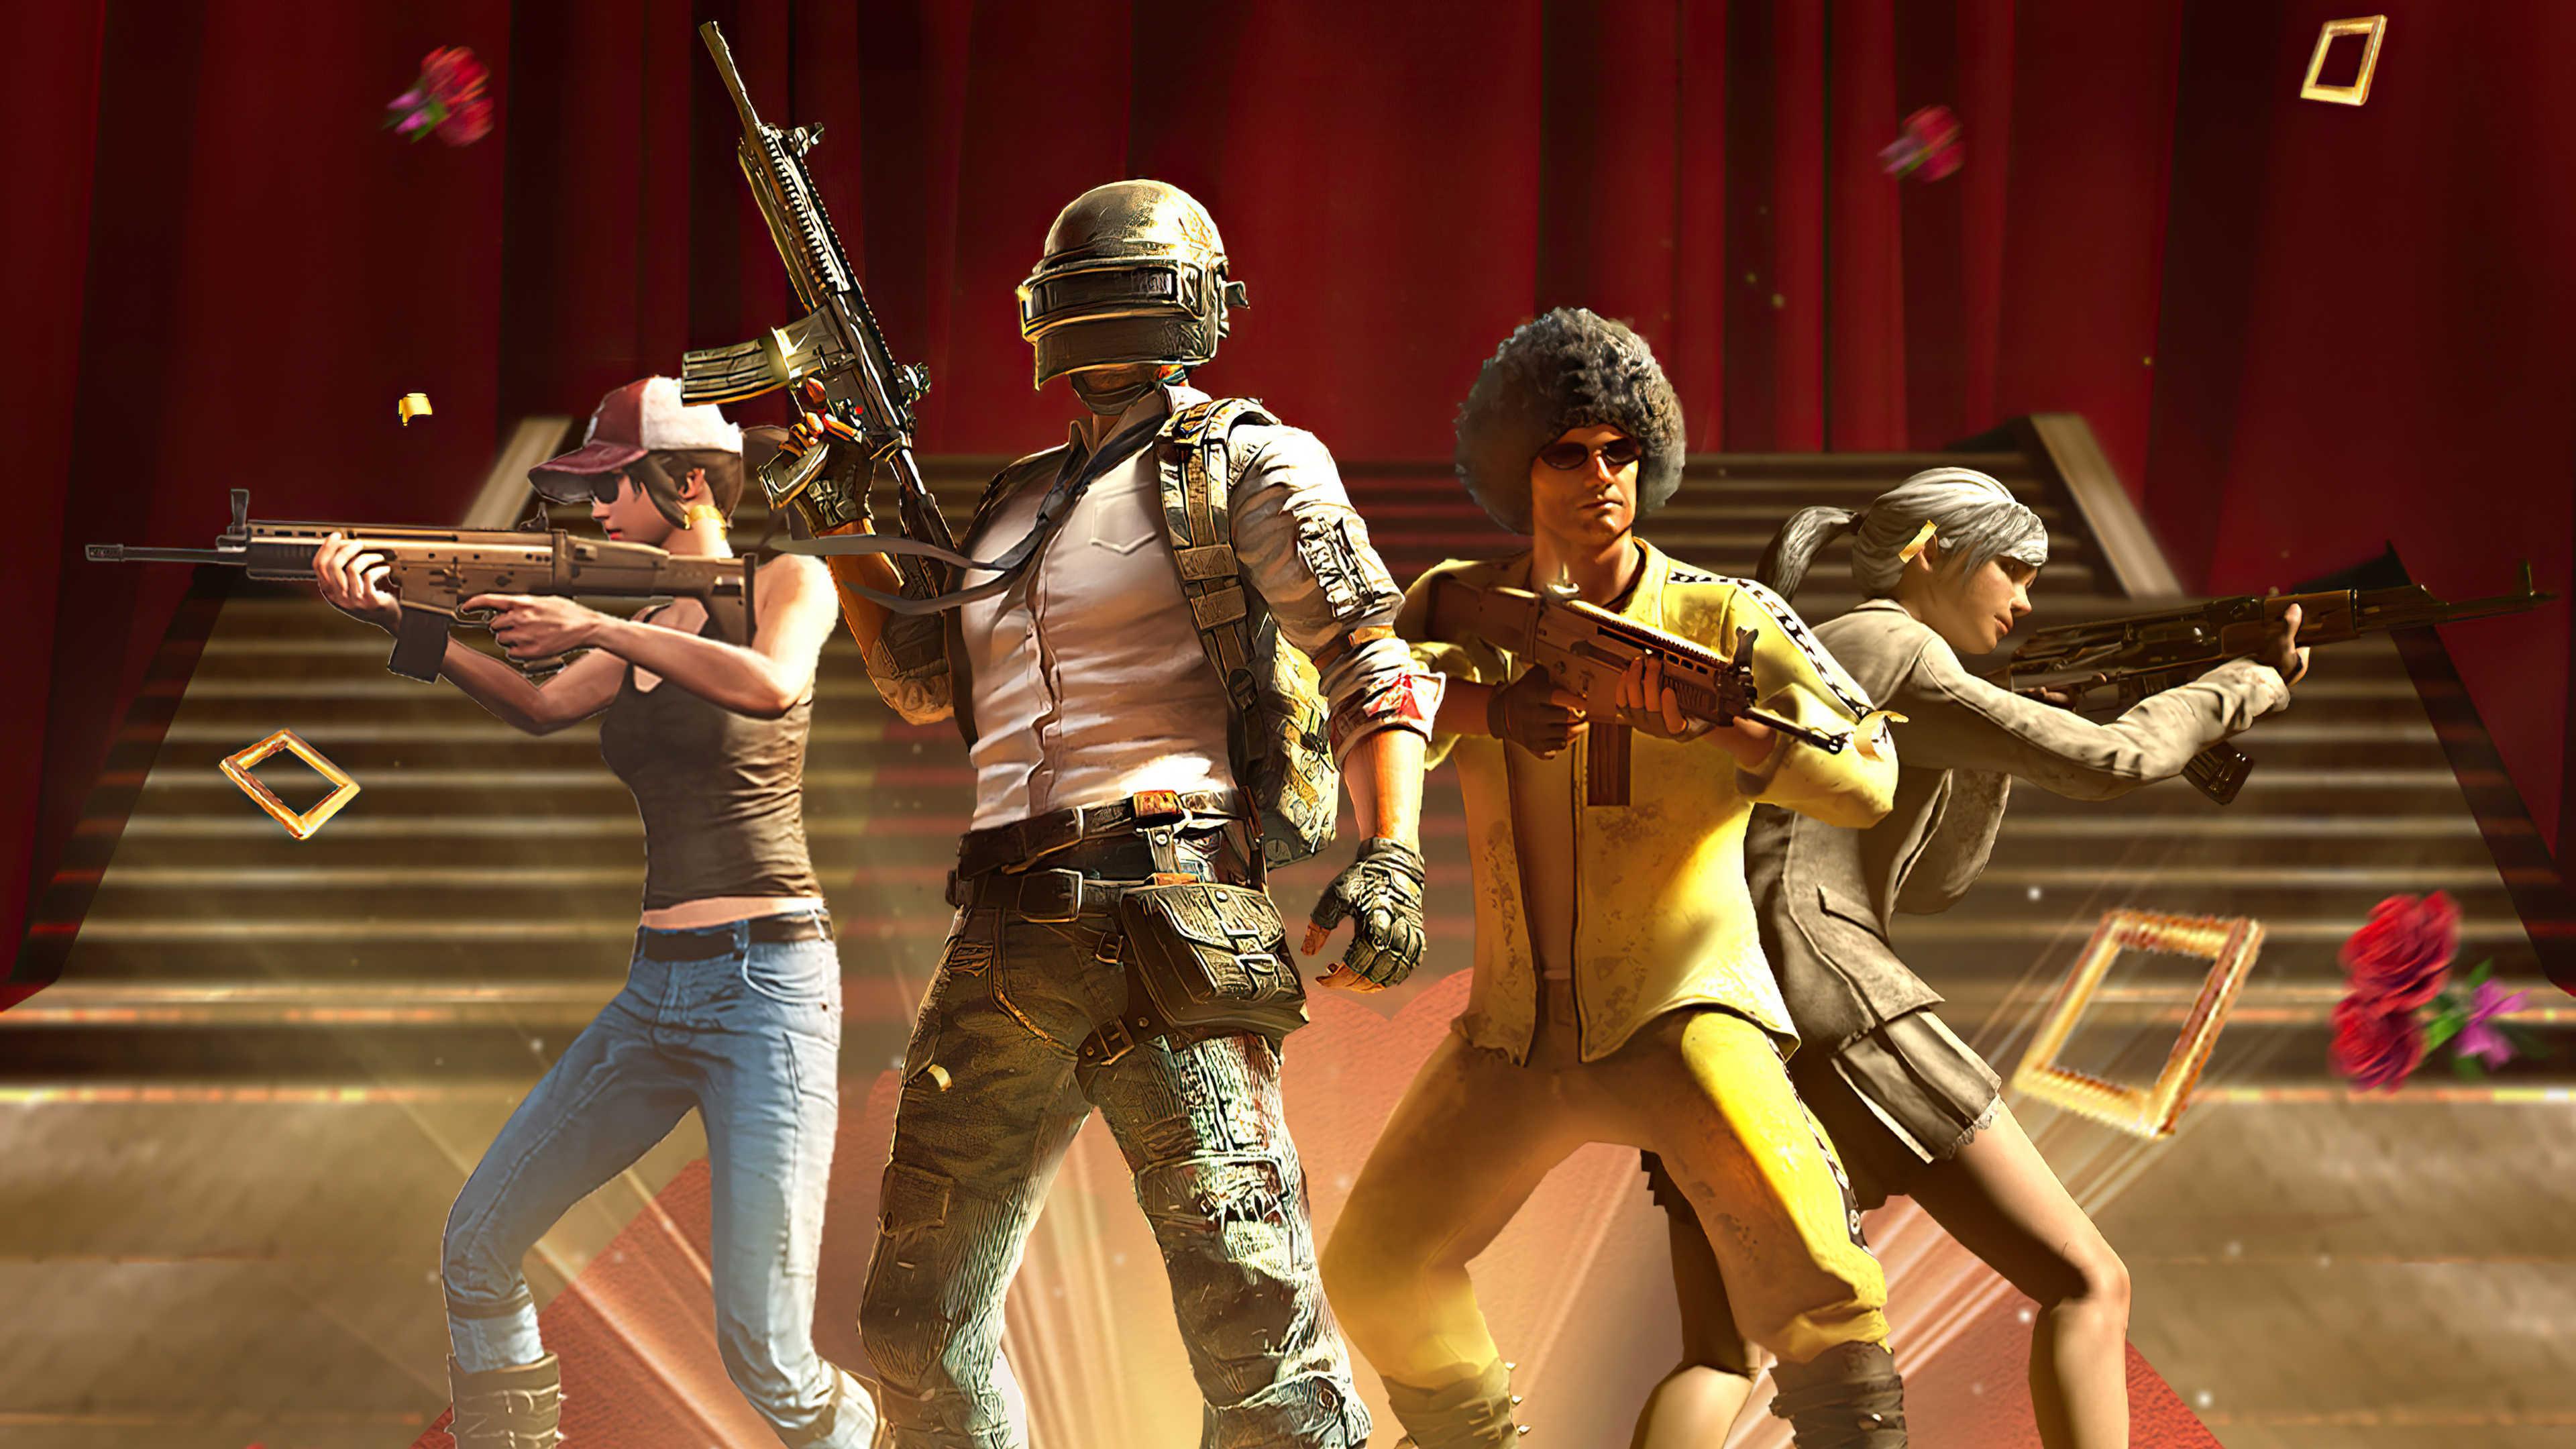 Playerunknown's Battlegrounds Hd Team Wallpaper